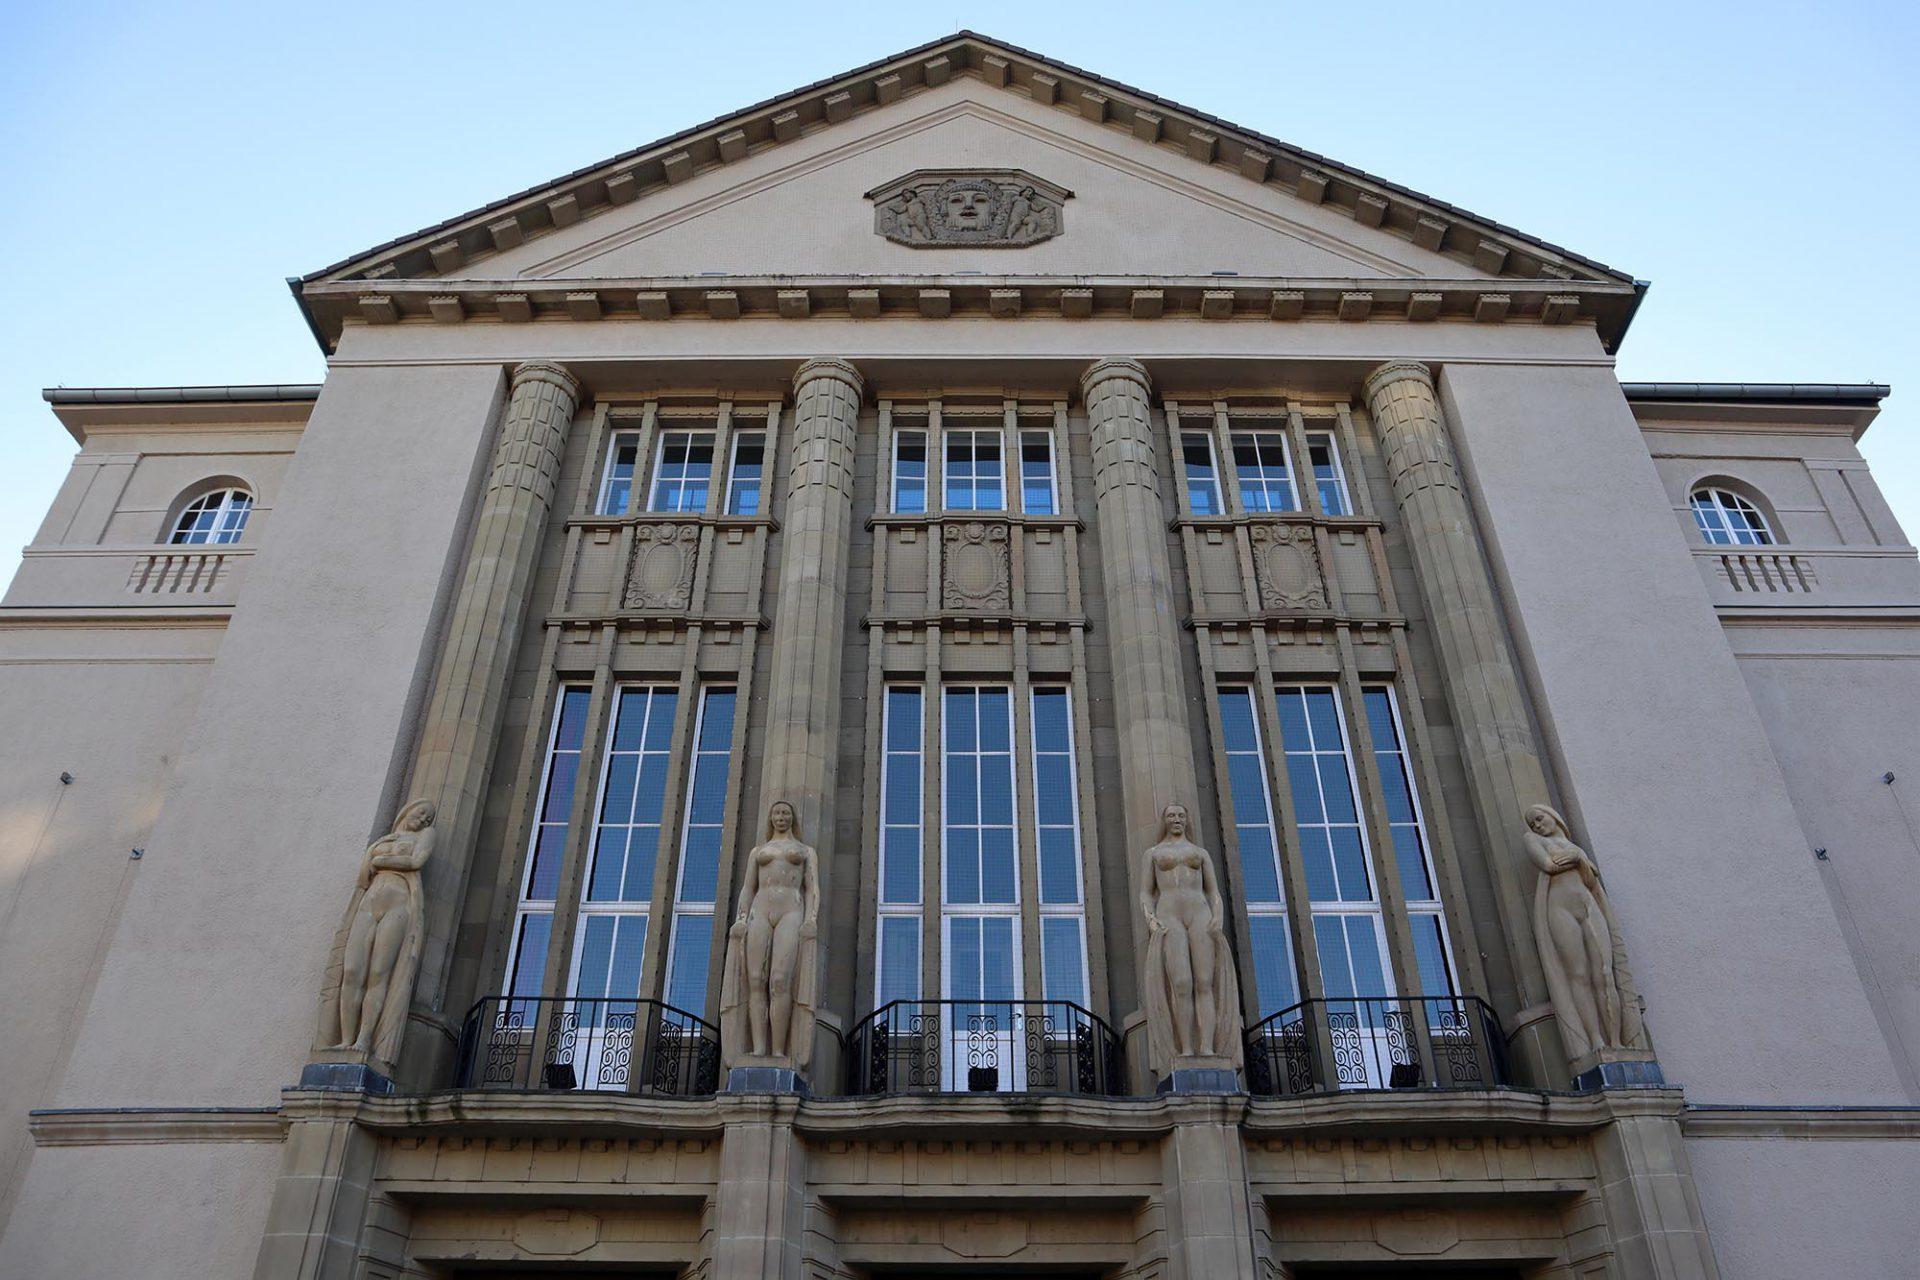 Theater Hagen. Milly Stegers nackte Frauen sorgten für einen Eklat. Die Zeit der freizügigen Skulpturen der Klassik lagen für den prüden deutschen Geschmack wohl bereits zu weit zurück.